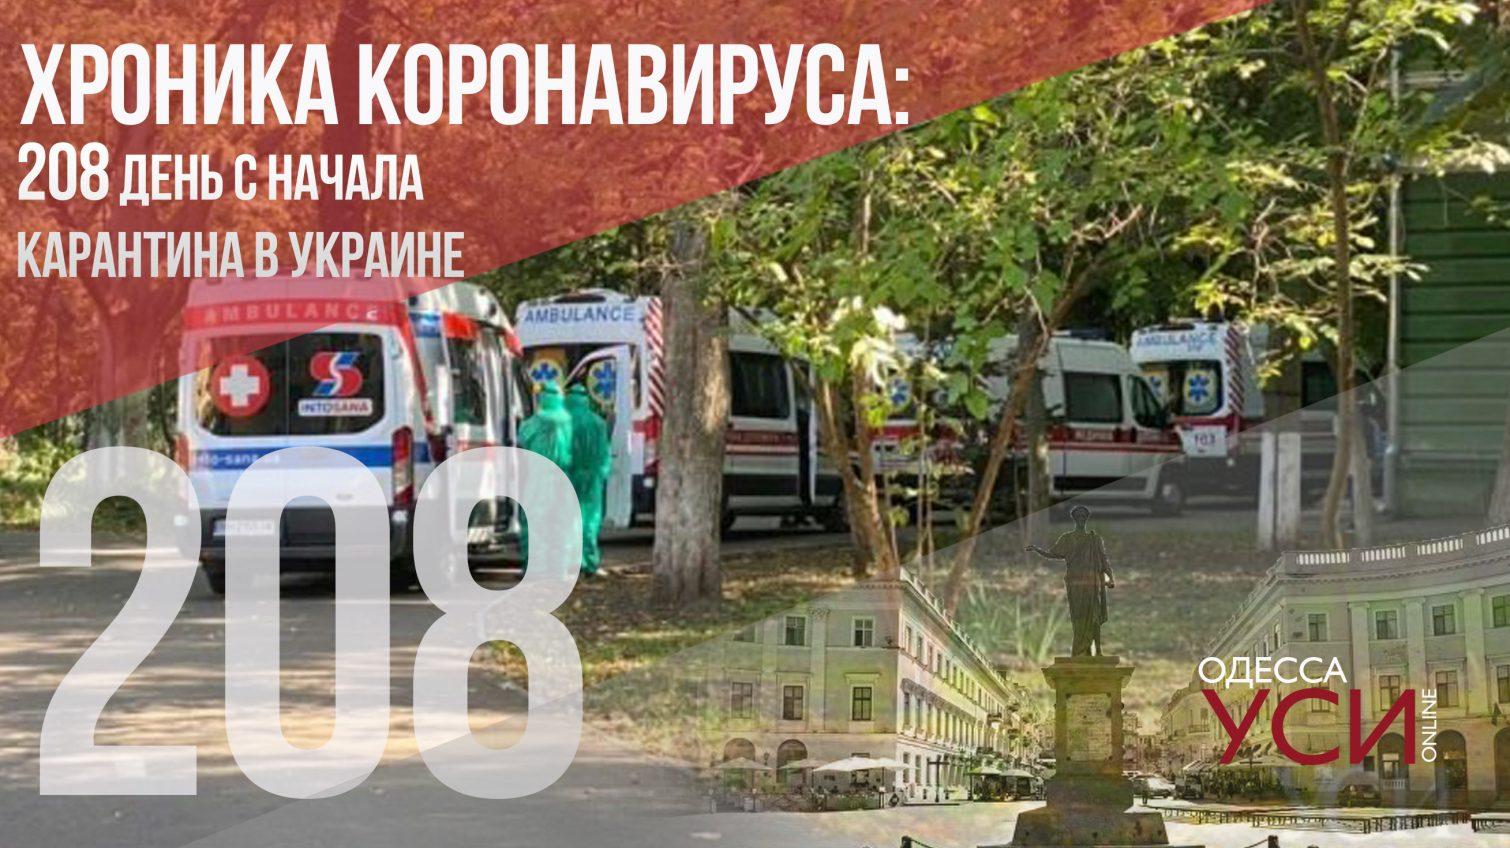 Хроника коронавируса: на 208-й день с начала карантина в Одесском регионе – 8 летальных случаев «фото»